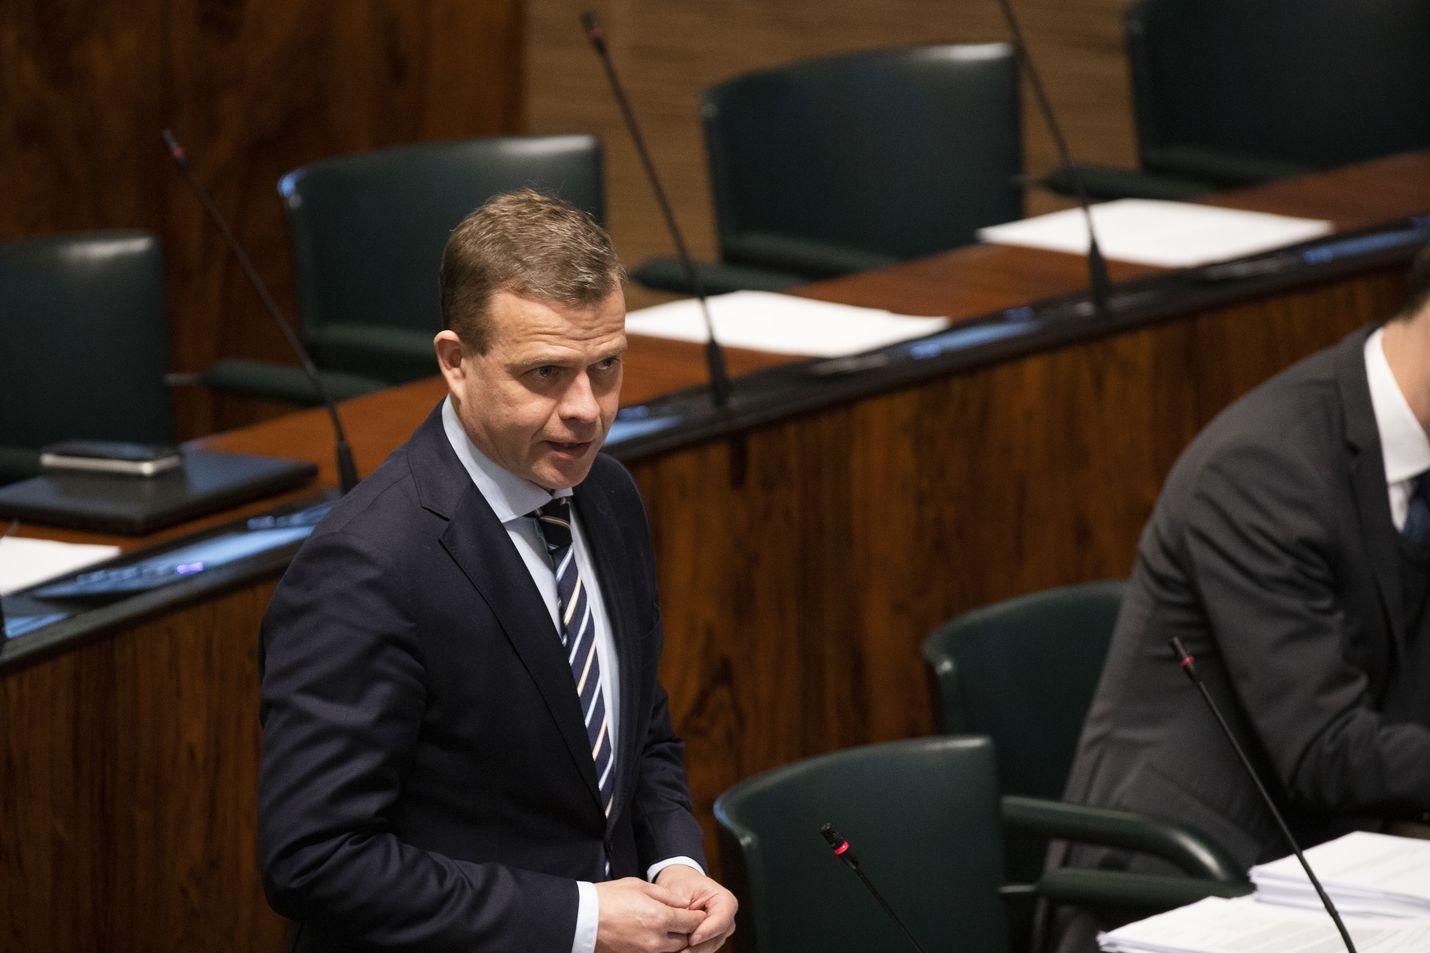 Kokoomuksen puheenjohtaja Petteri Orpo kannattaa kasvomaskien käyttöönottoa koronaepidemian leviämisen estämiseksi.